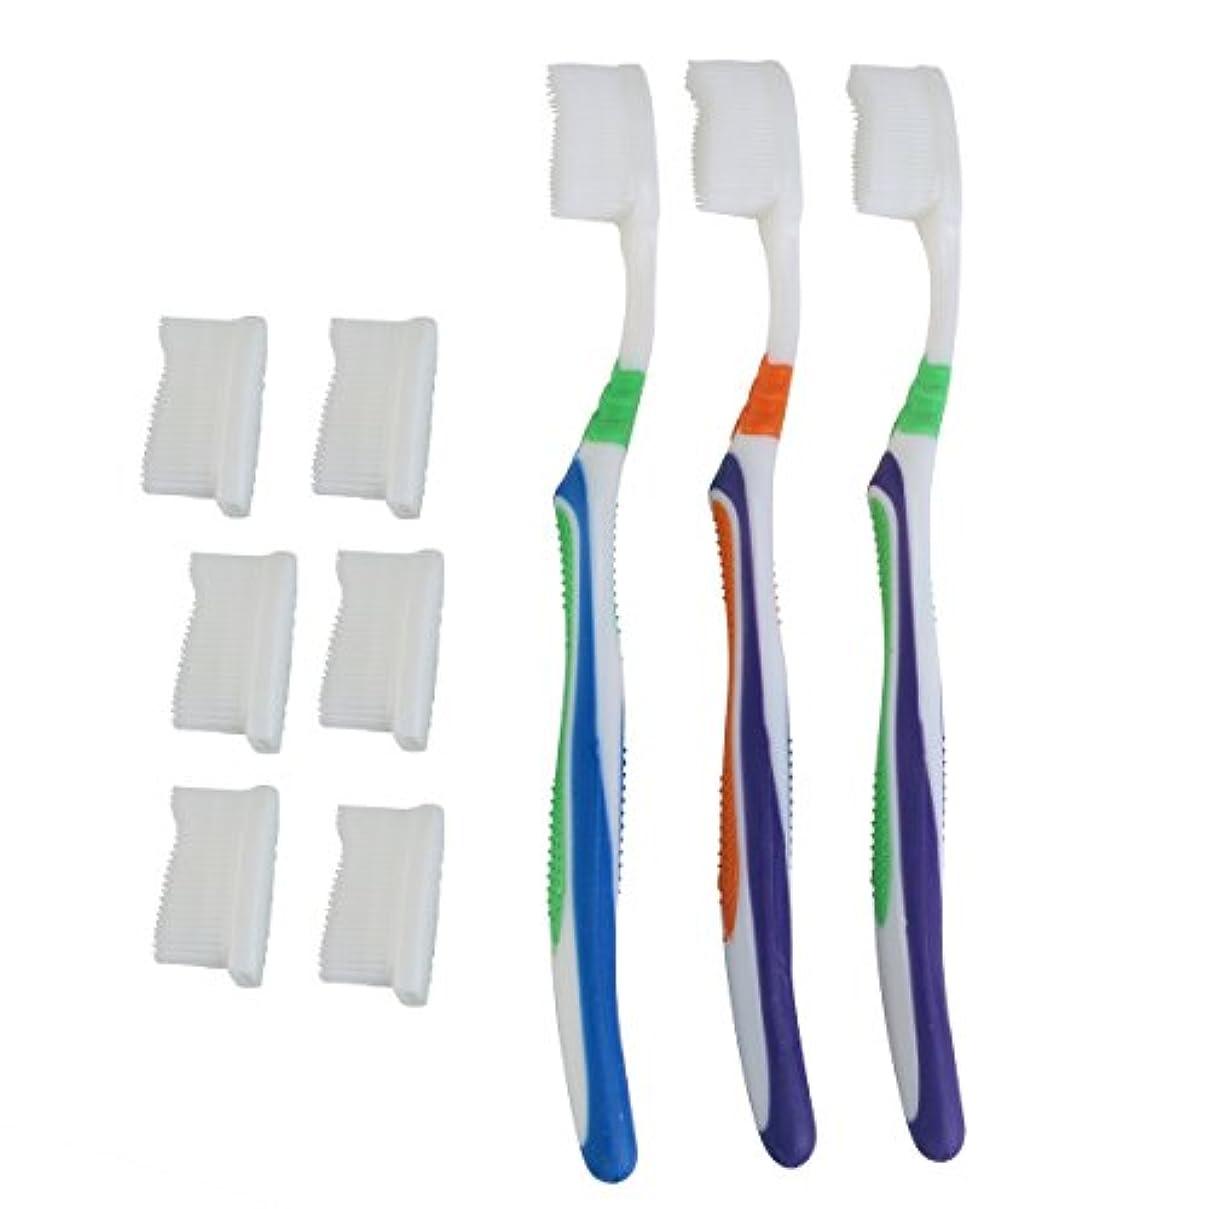 傘重力可塑性TOPBATHY 子供と大人のための歯ブラシの頭の代わりとなる柔らかい歯ブラシ(ランダムカラー)